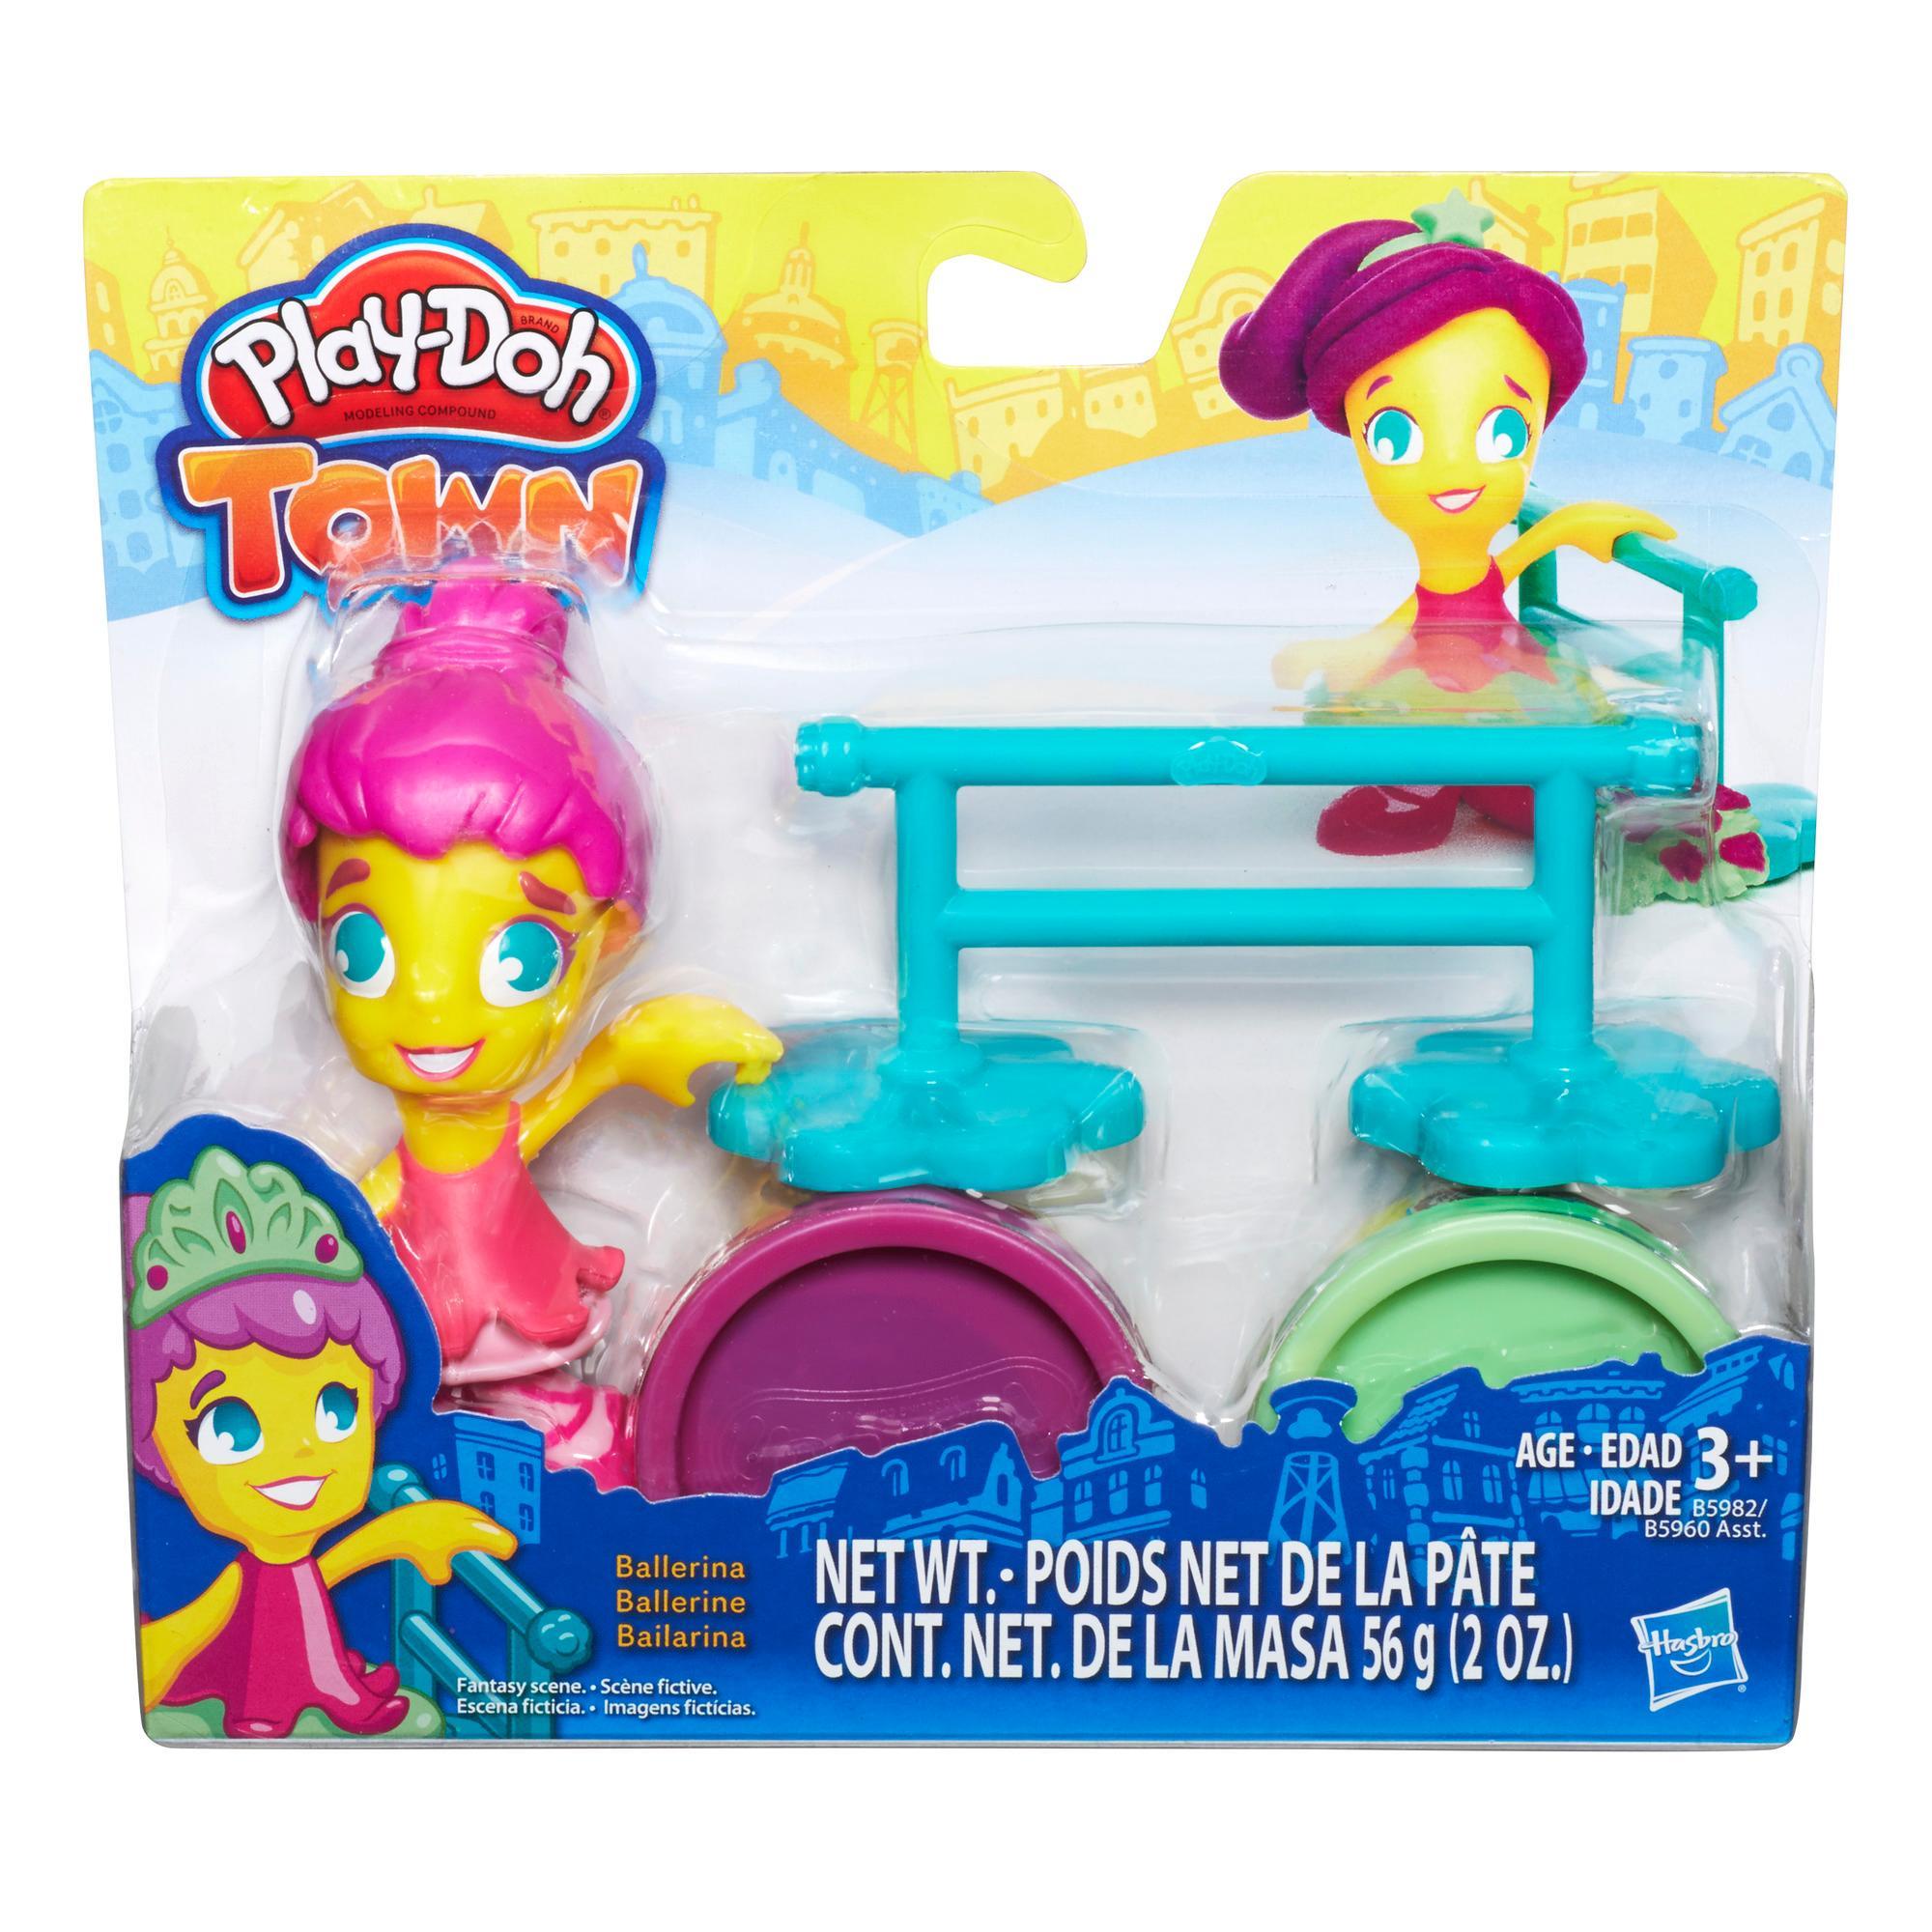 Play-Doh Town Ballerina